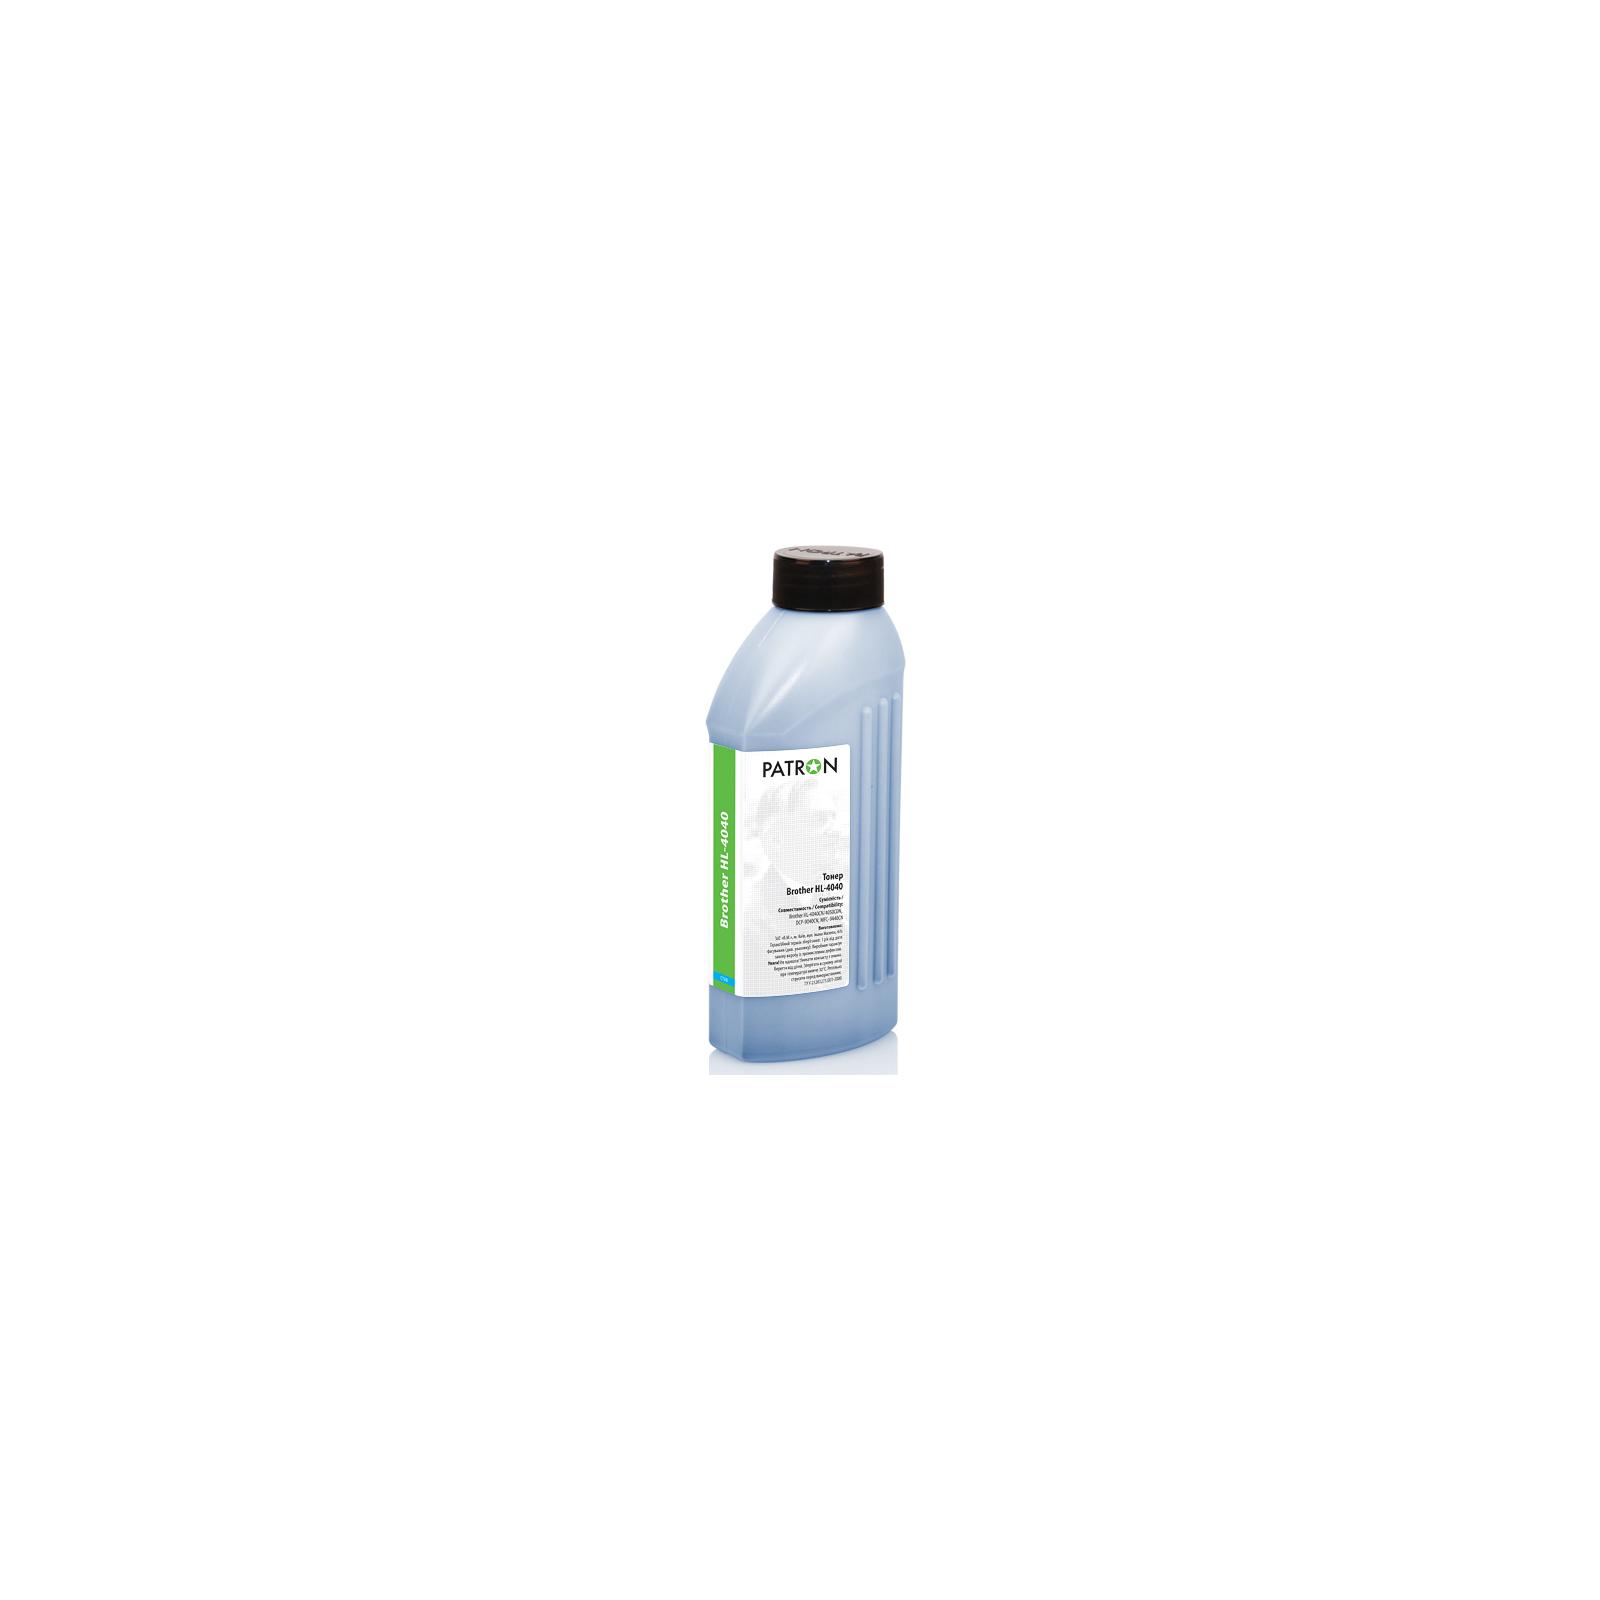 Тонер PATRON Brother HL-4040 CYAN 120г (T-PN-BHL4040-C-120)